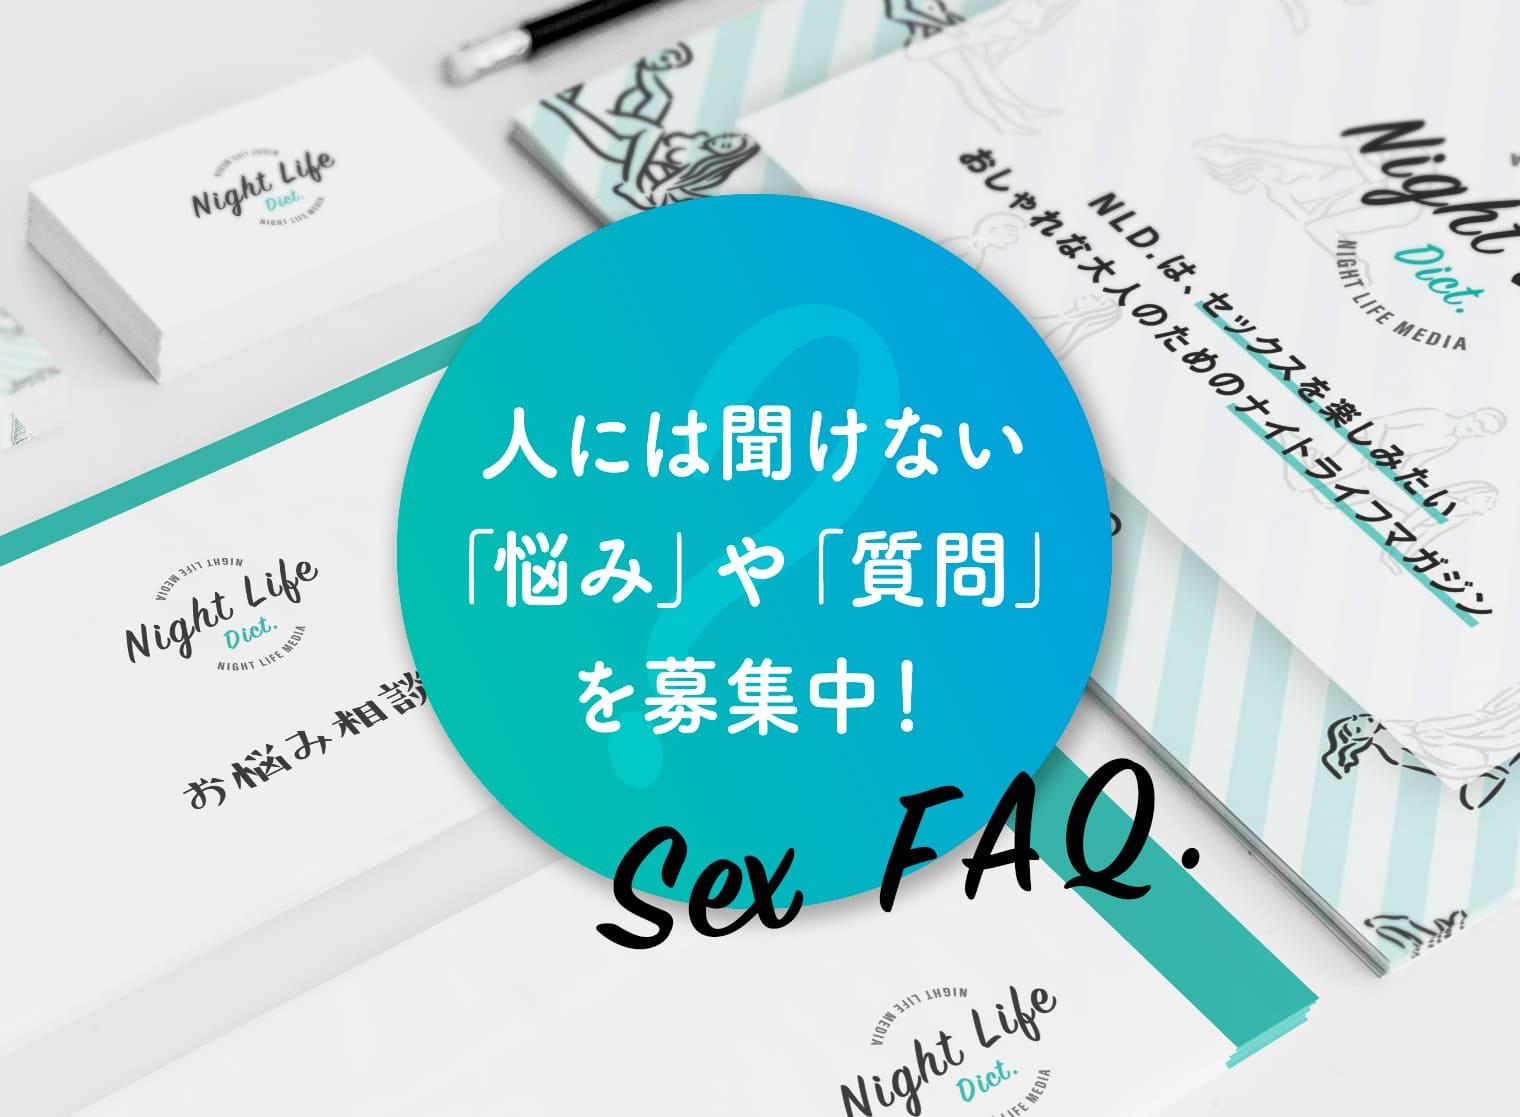 人には聞けない「悩み」や「質問」を募集中!Sex FAQ!